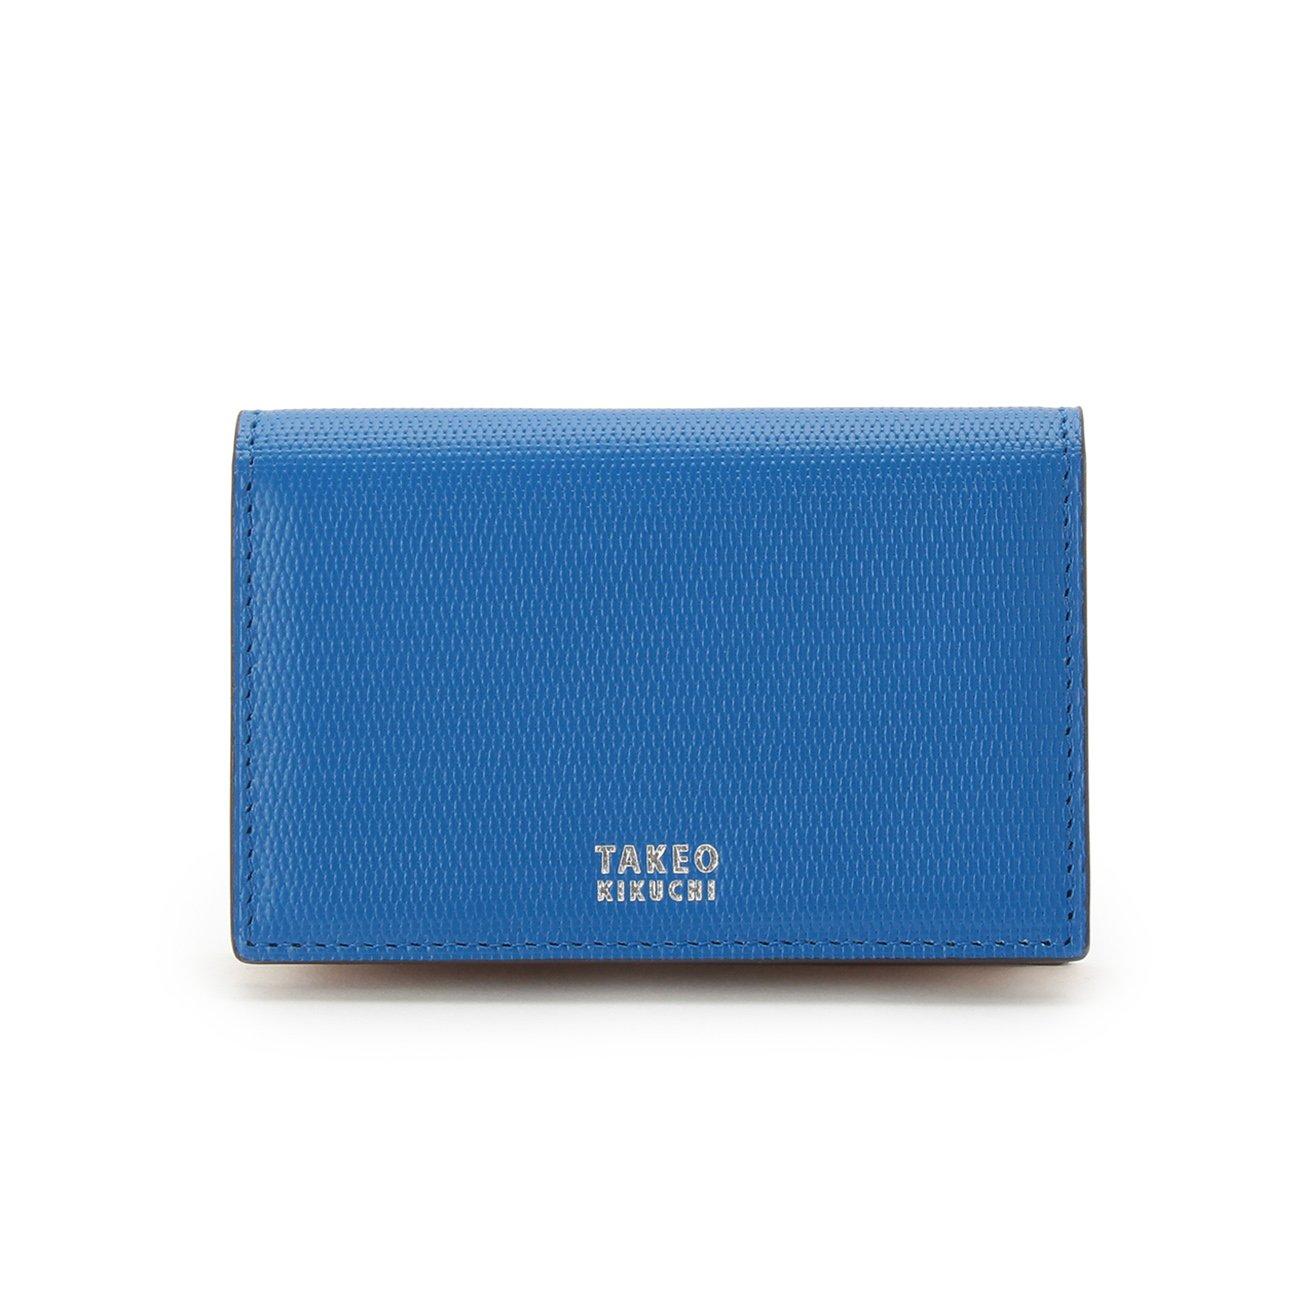 (タケオキクチ) TAKEO KIKUCHI ミニメッシュ名刺カードケース 07001522 B071ZNL4WF ブルー(591) ブルー(591)